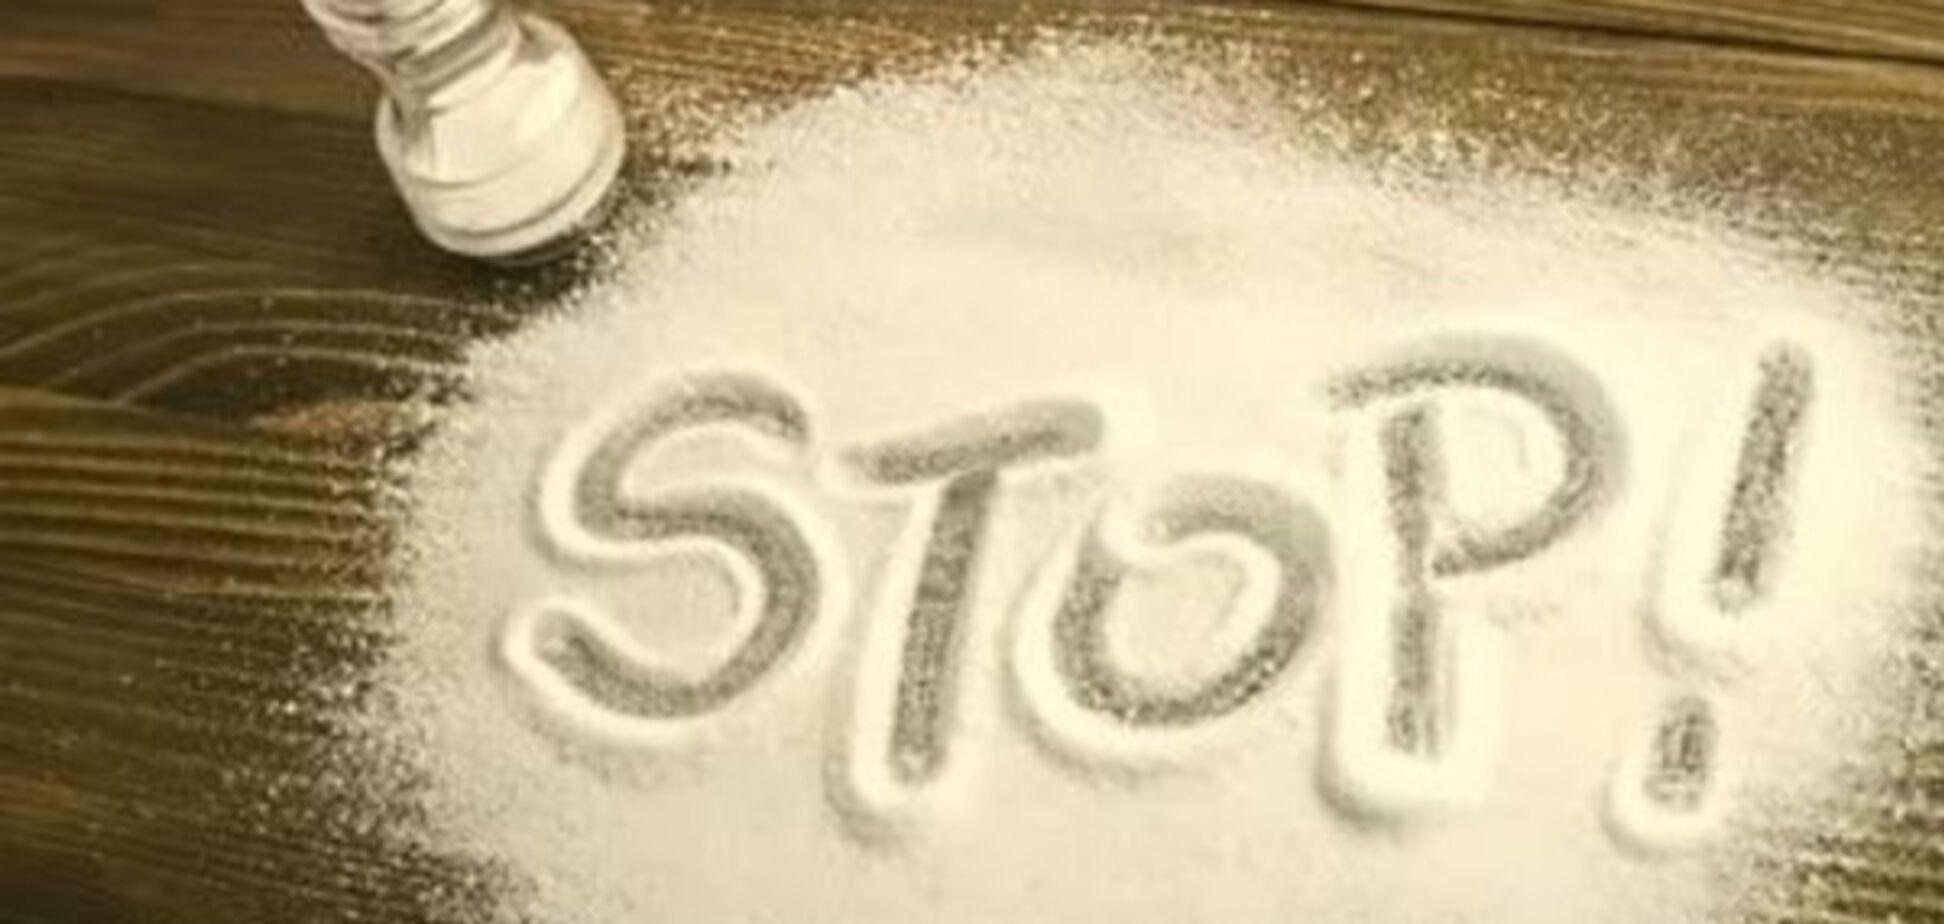 'Белый яд' или 'белое золото': научно-популярно о соли и сахаре